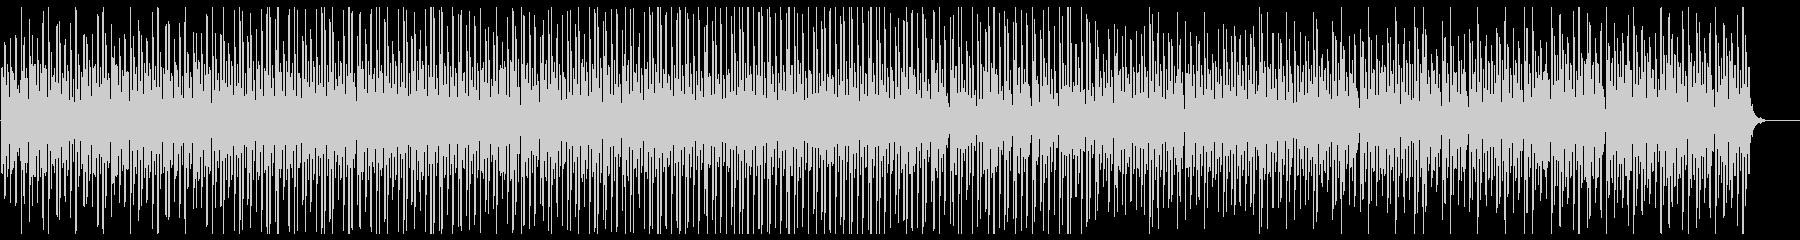 リズミカルなピアノインストルメントの未再生の波形